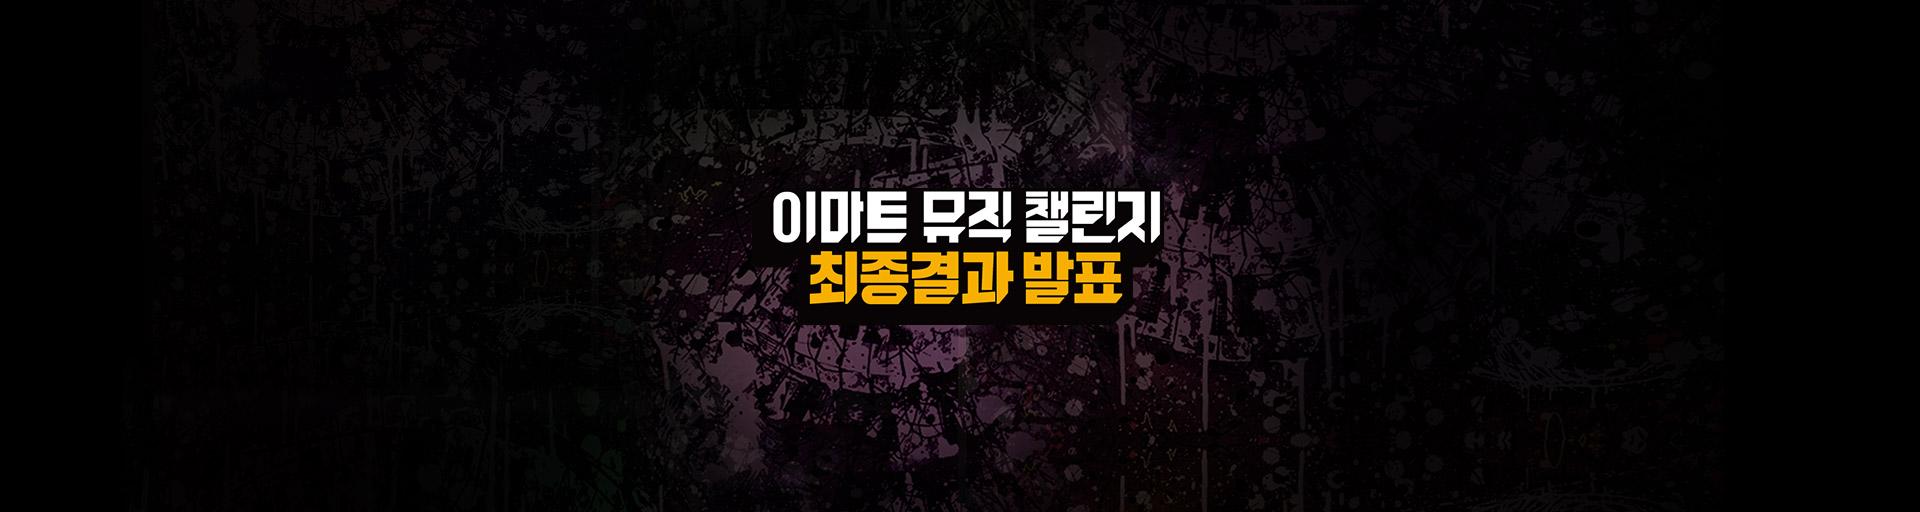 이마트 뮤직 챌린지 최종결과 발표